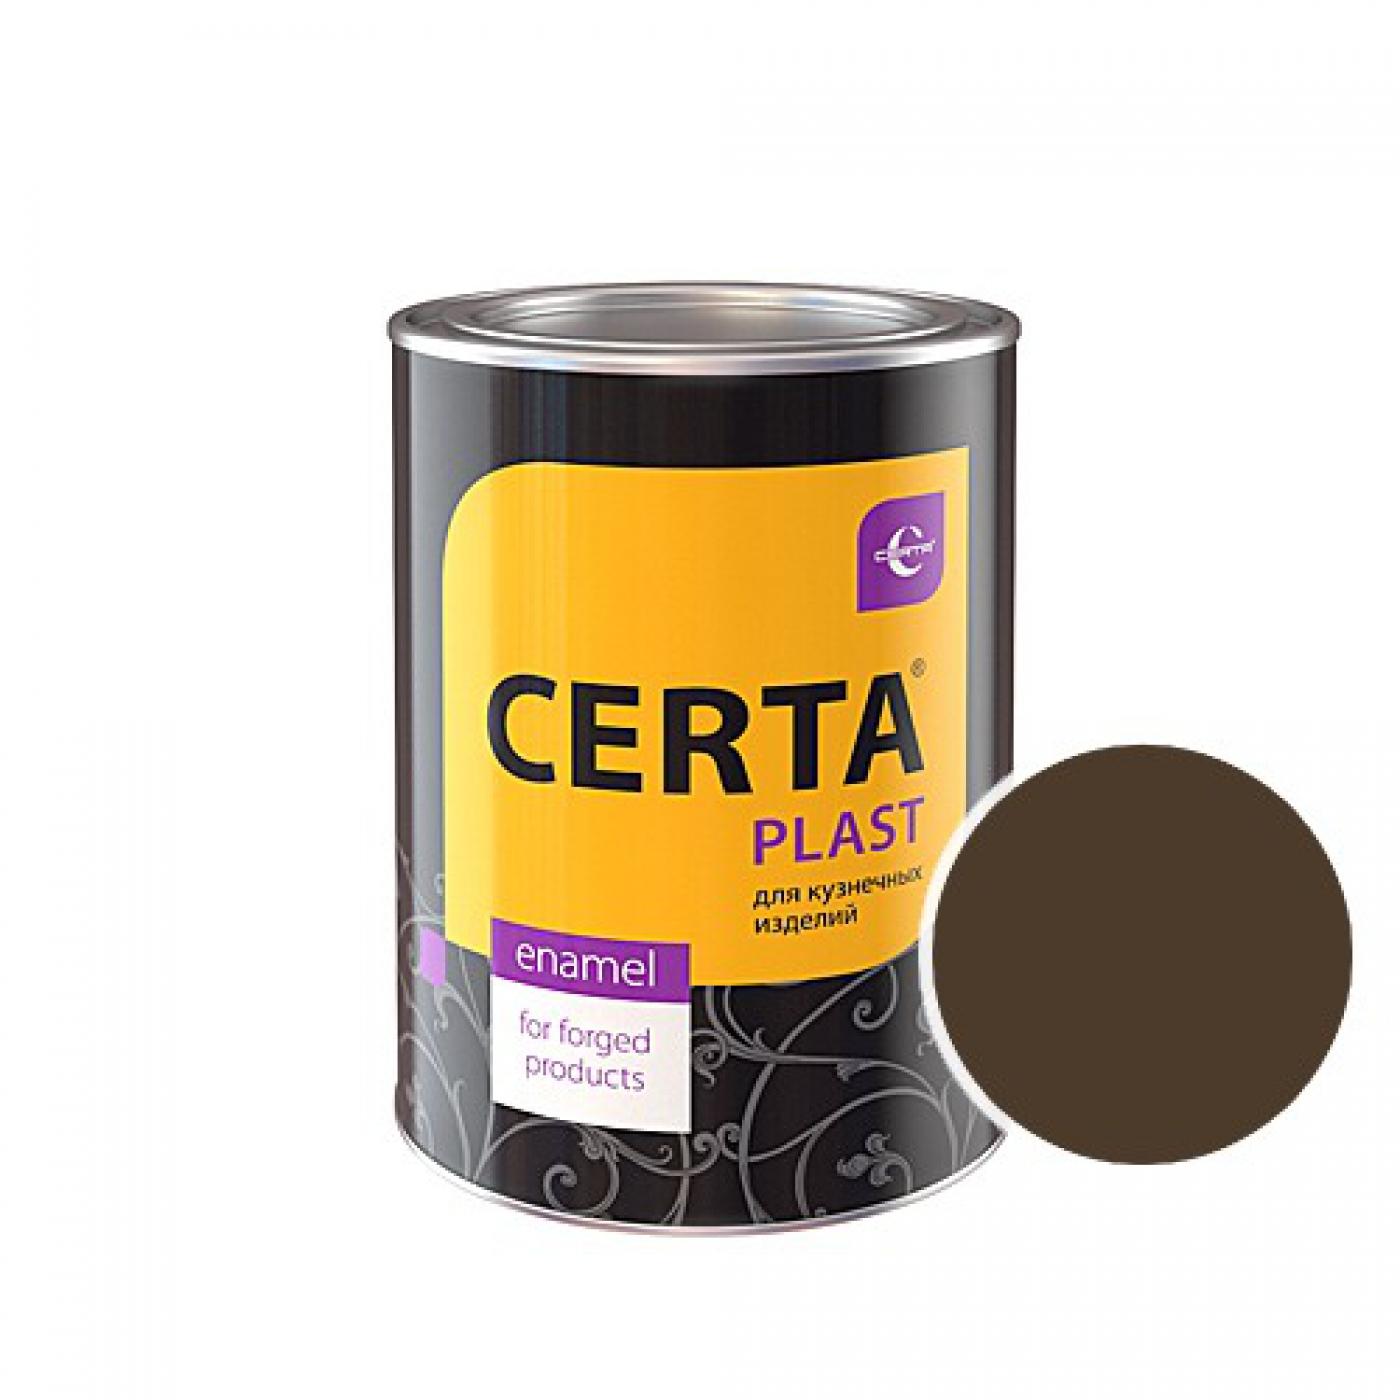 plast-terrakot1kg-1400x1400